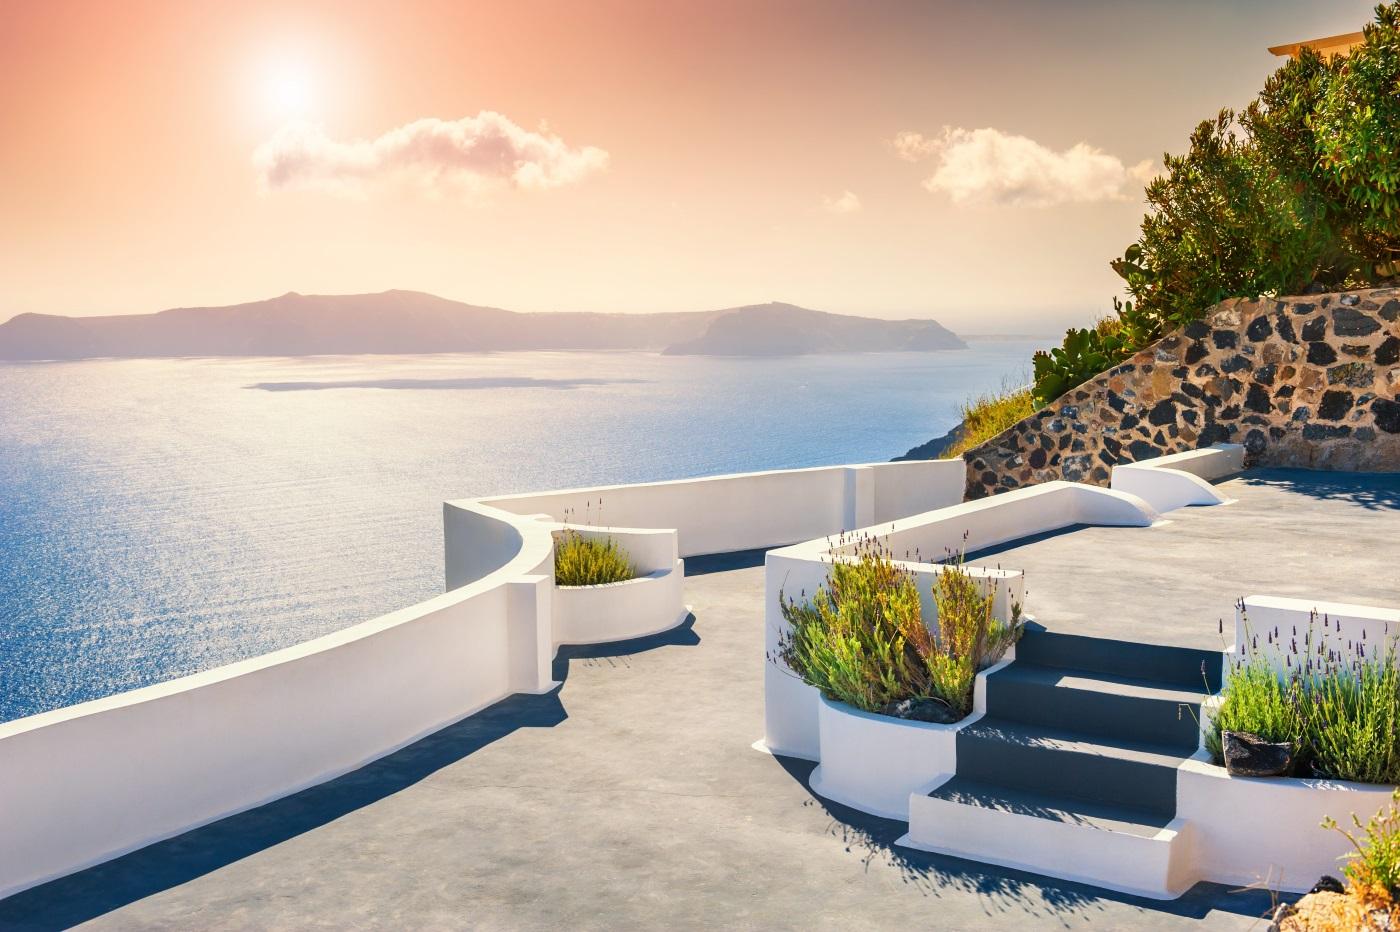 Nie ma co czekać – Santorini bezpośrednio już od 179 PLN RT!